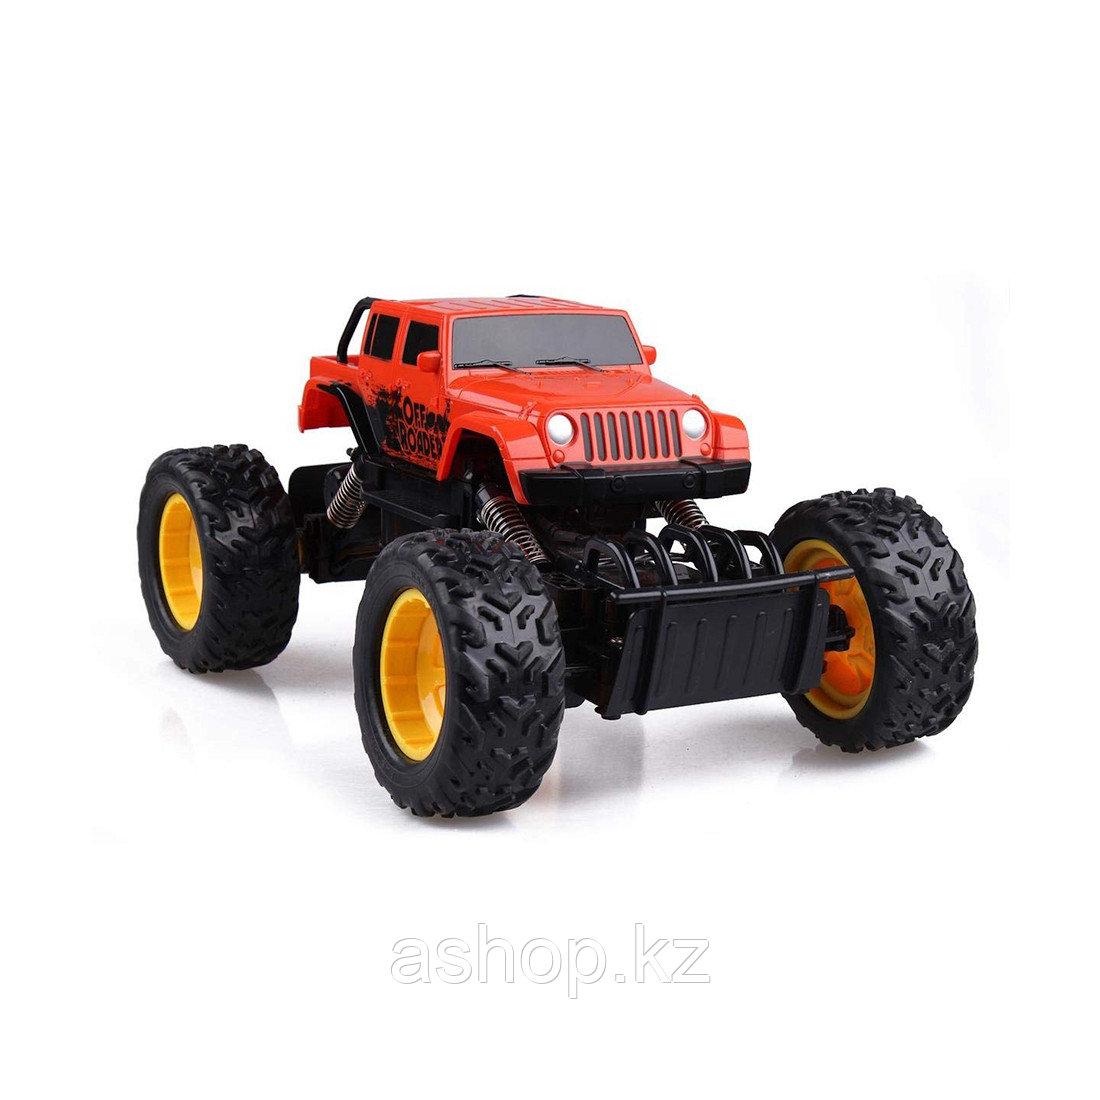 Радиоуправляемая модель автомобиль Rastar OFF-ROADER Rock Crawler, 1:18, Управление: Джойстик, Материал: Пласт